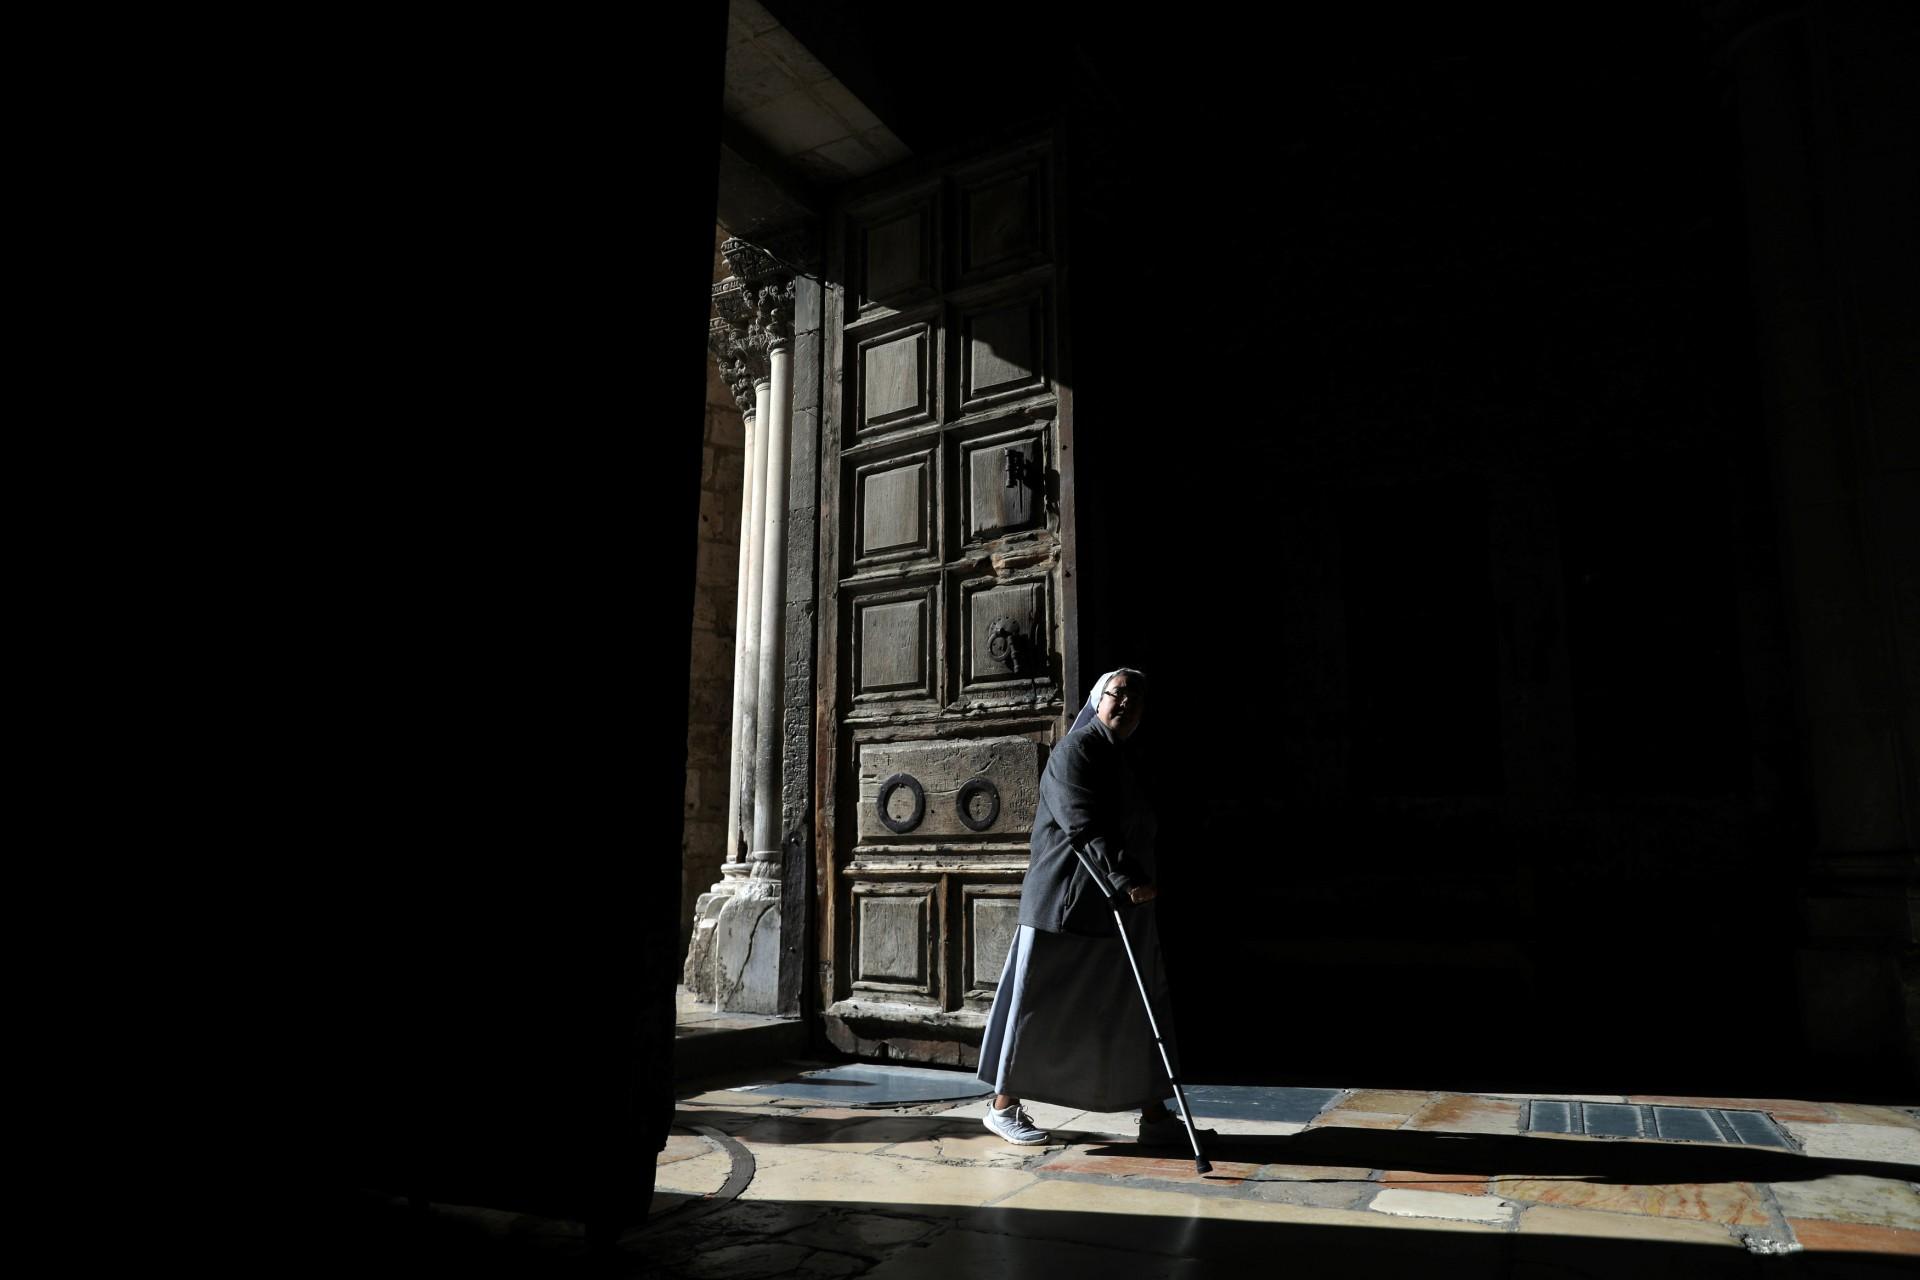 Una monja entra a la Iglesia del Santo Sepulcro en la ciudad vieja de Jerusalén, el 11 de diciembre de 2018.